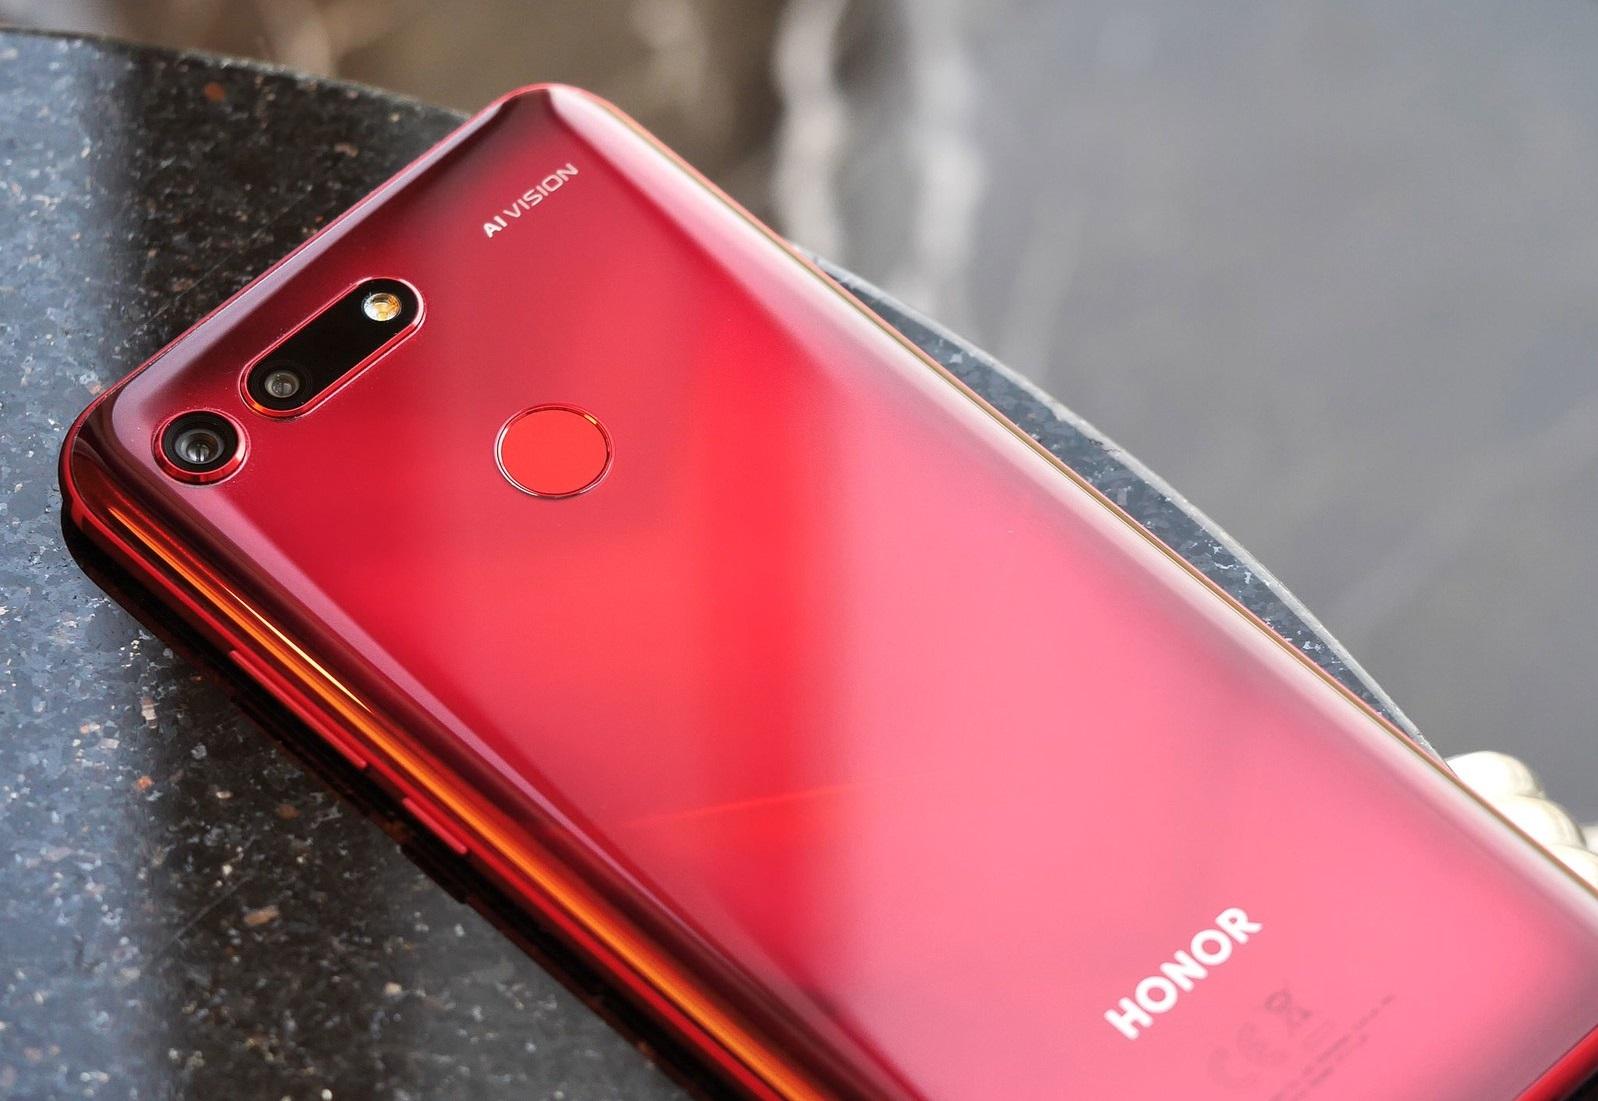 بعد الكشف عنه رسميًا تعرف على مراجعتنا لأفضل هواتف الكاميرات Honor View 20